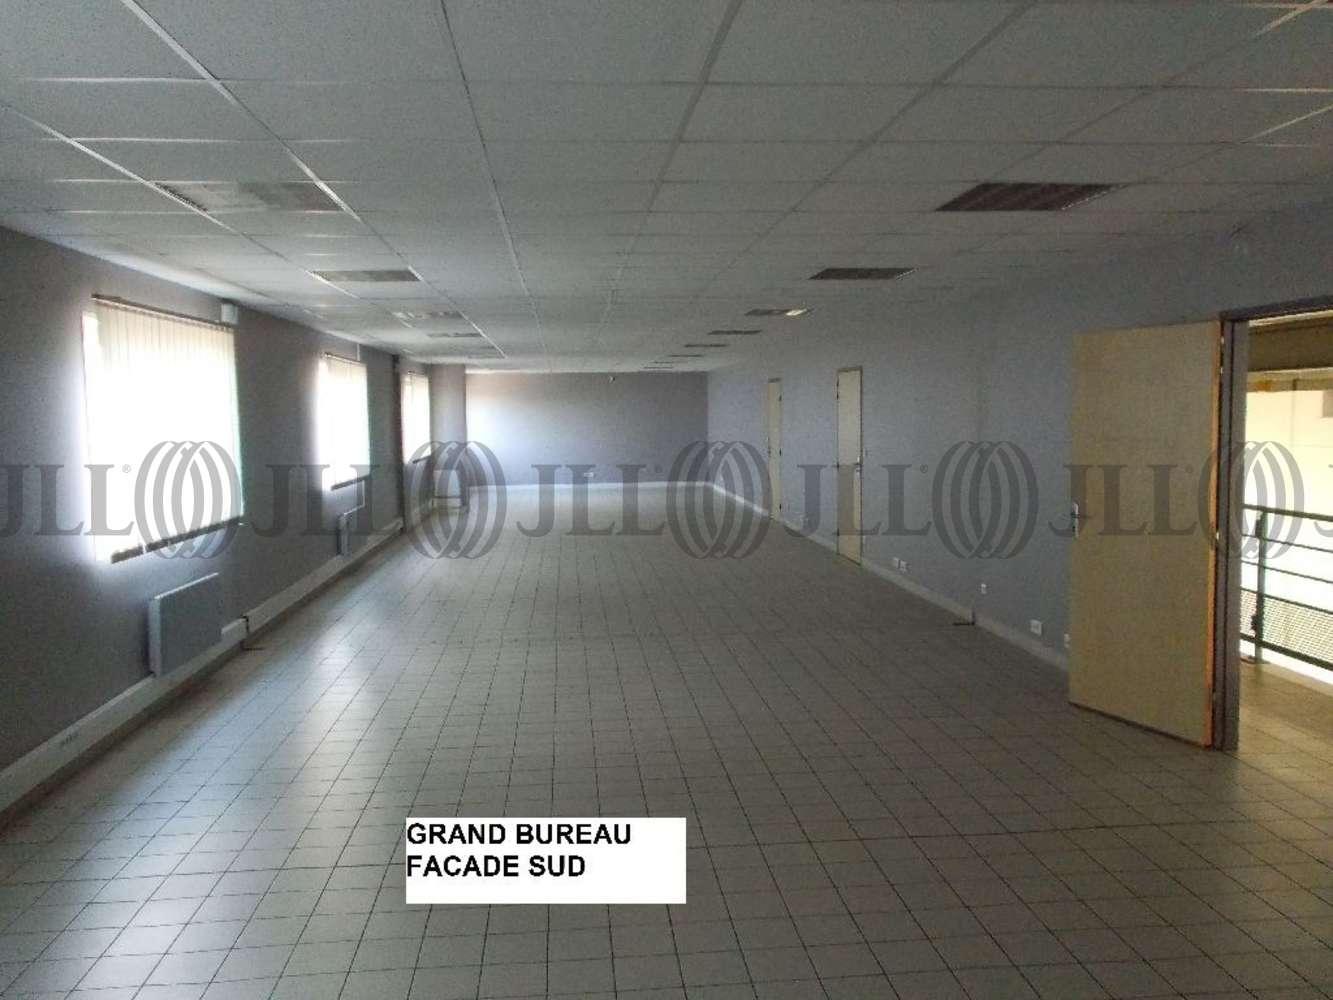 Activités/entrepôt Reyrieux, 01600 - Local d'activité mixte récent - Ain (01) - 9467715